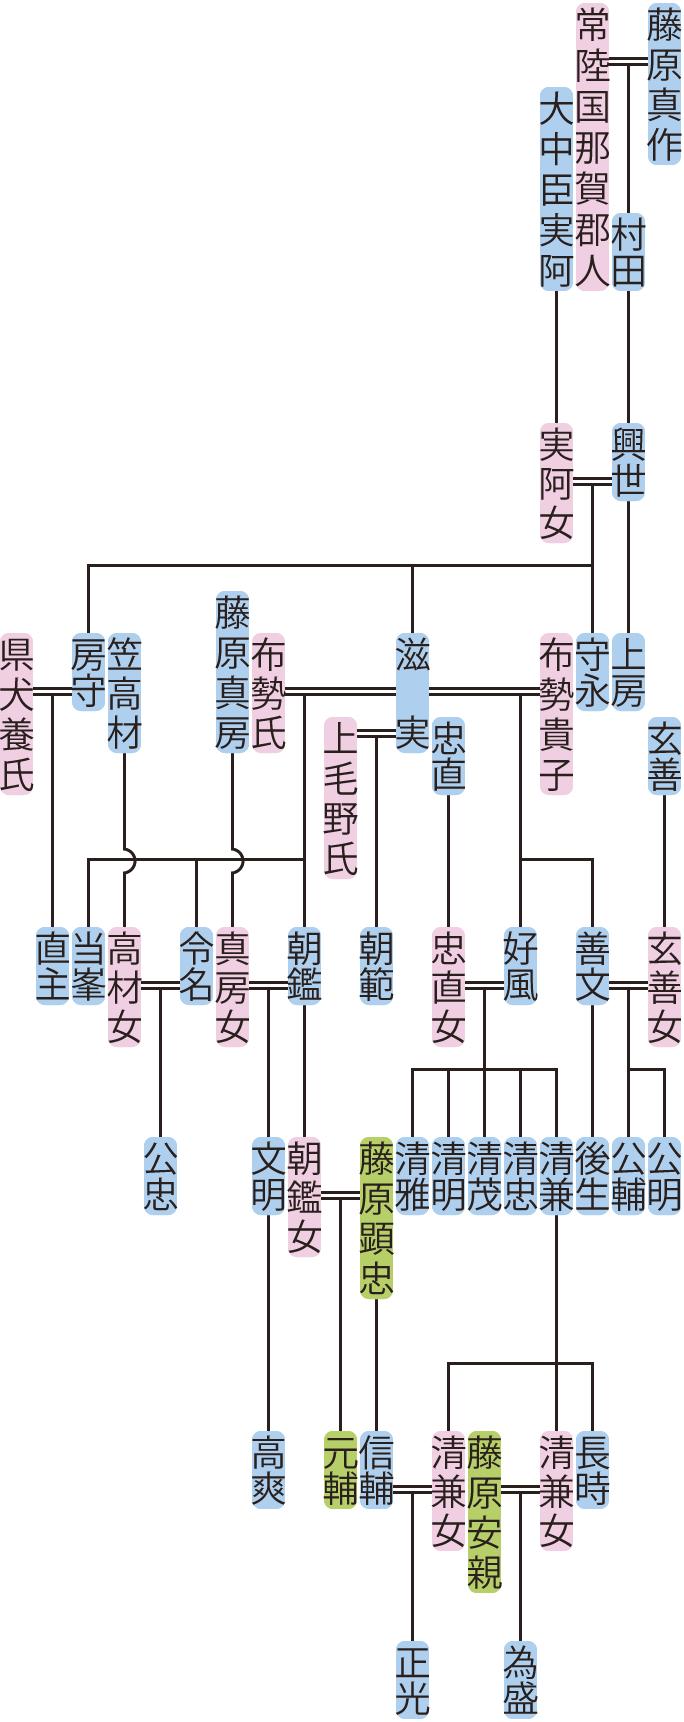 藤原興世の系図